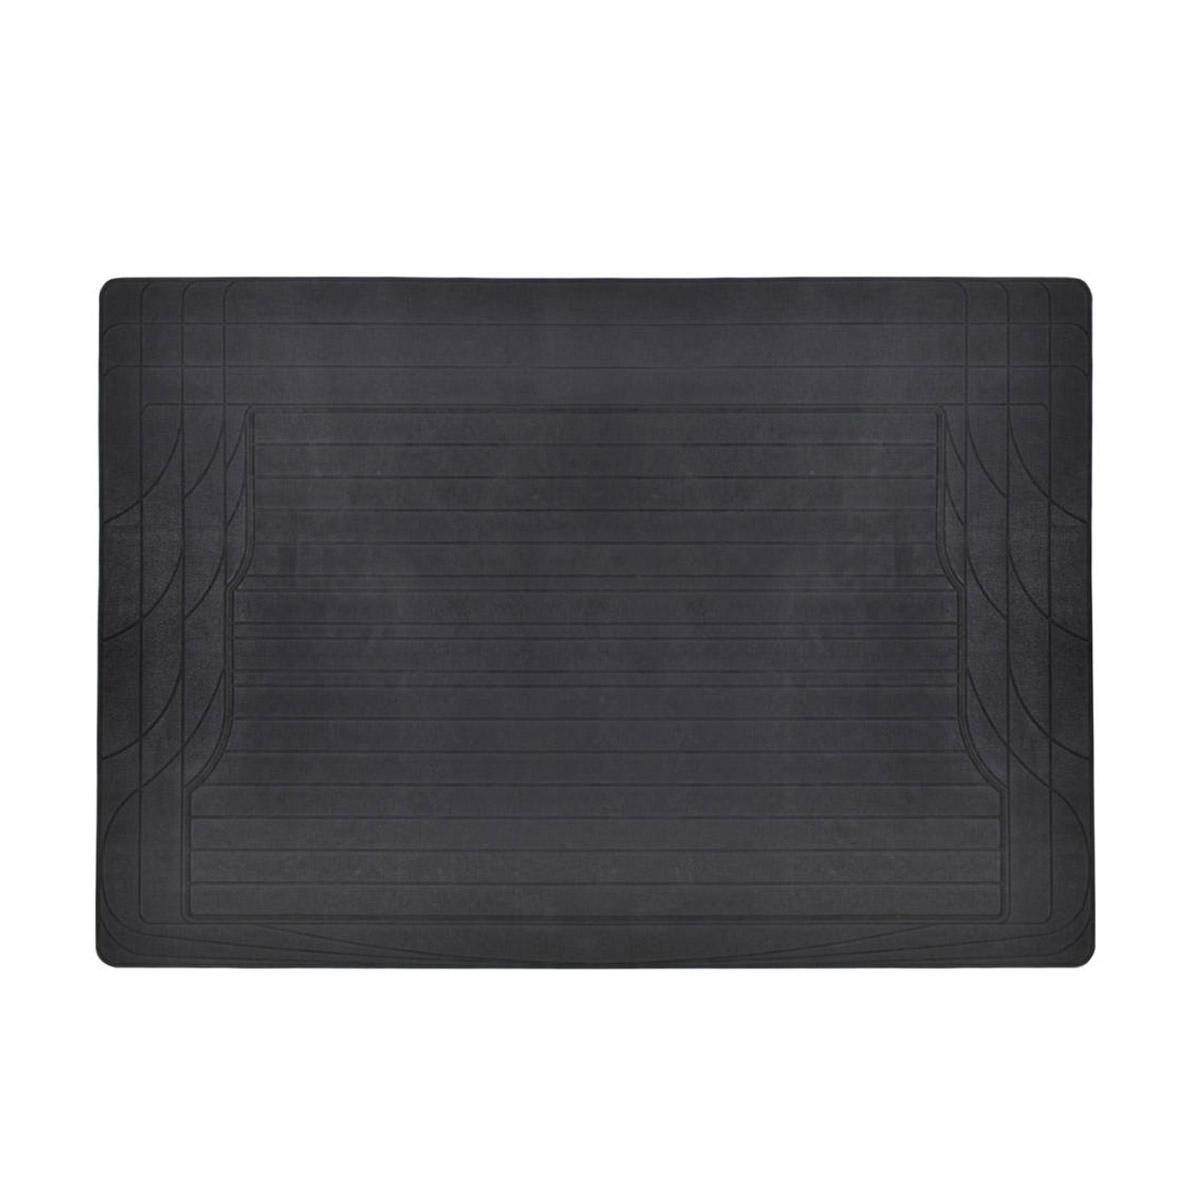 Car Floor Mats With Trunk Mat Black 4 Piece Odorless Trunk